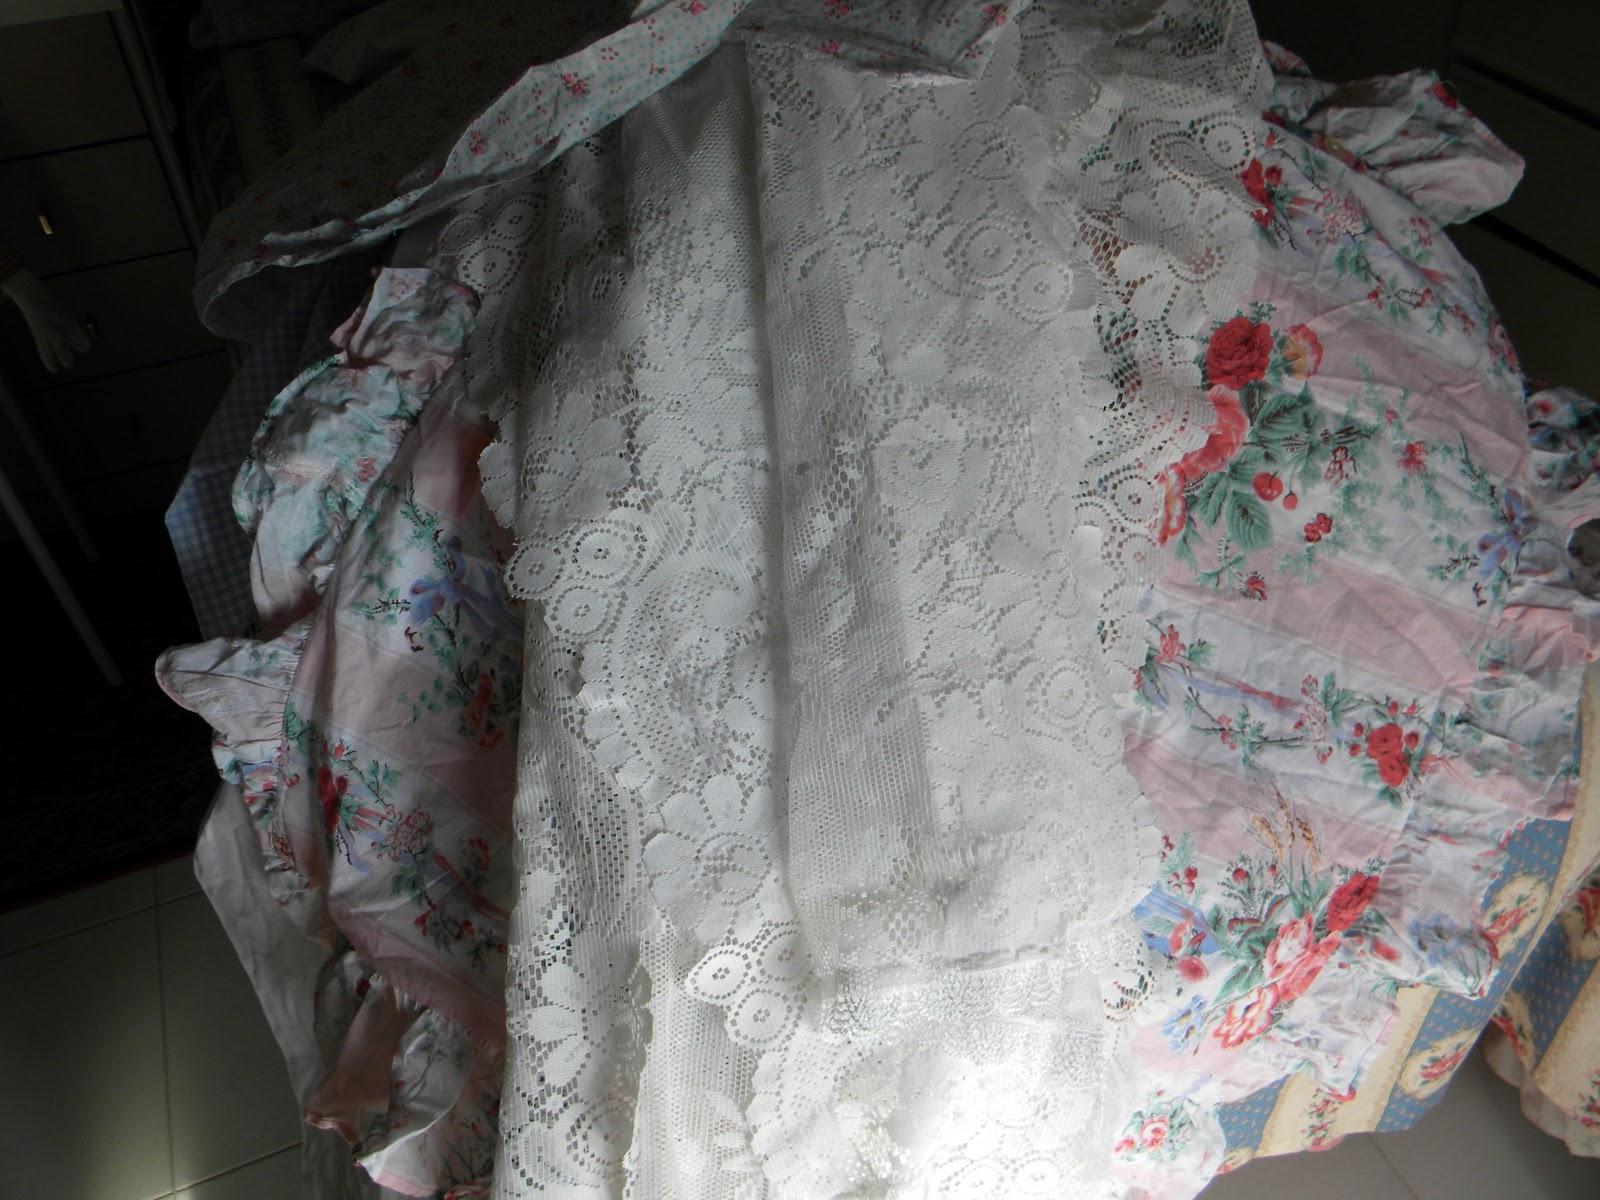 the romantic rose cose di stoffa usate